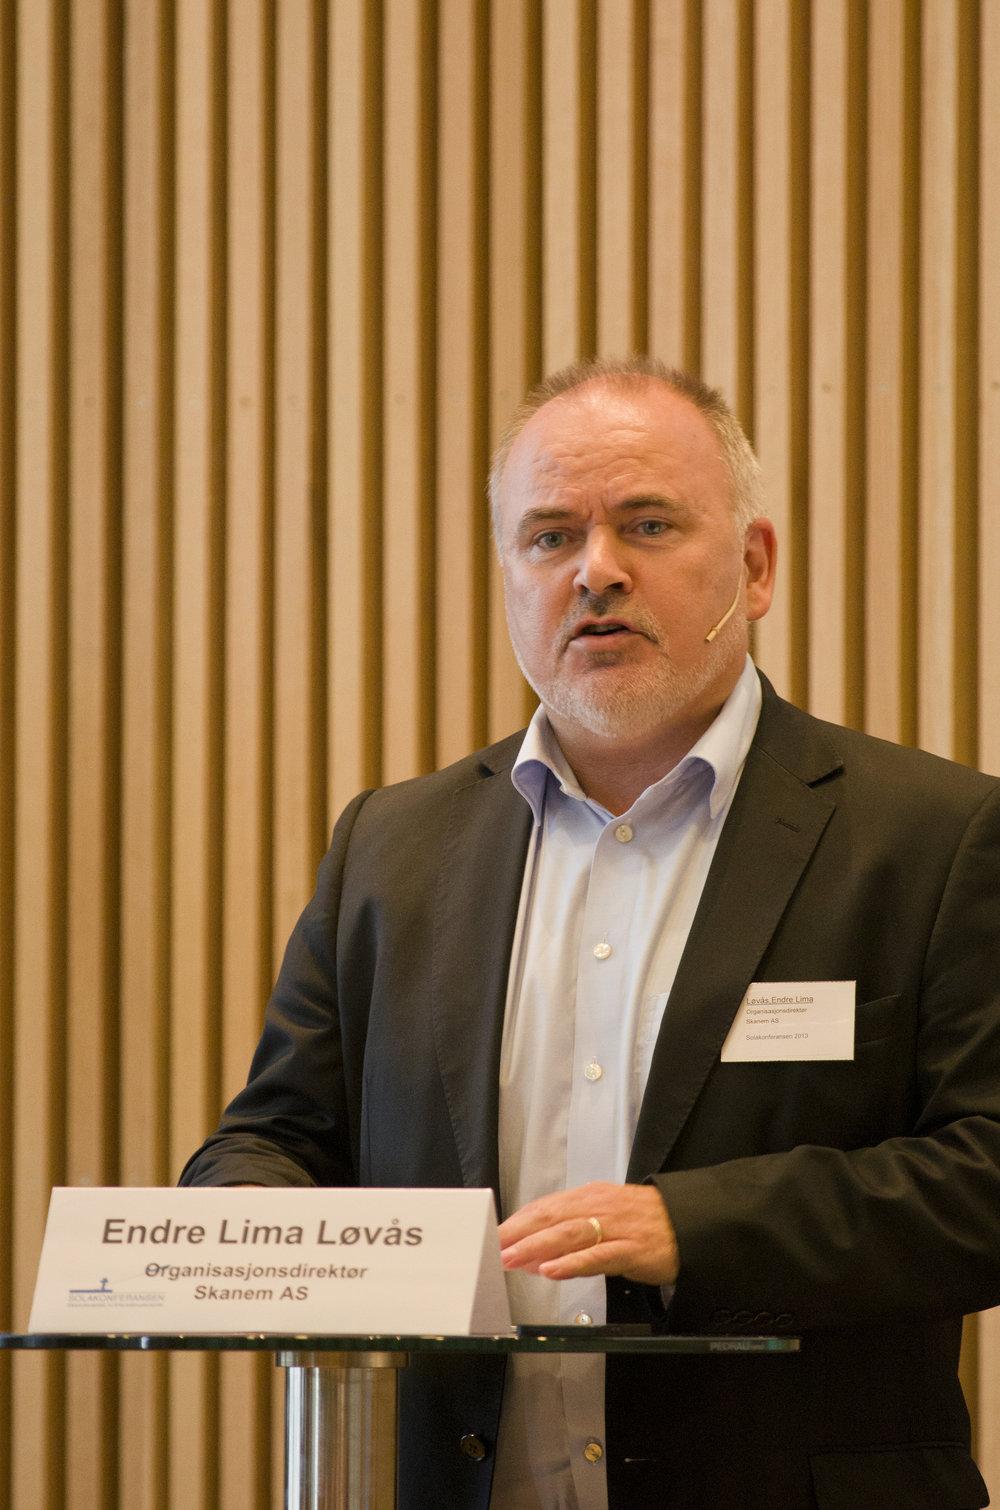 Endre Lima Løvås (1).JPG